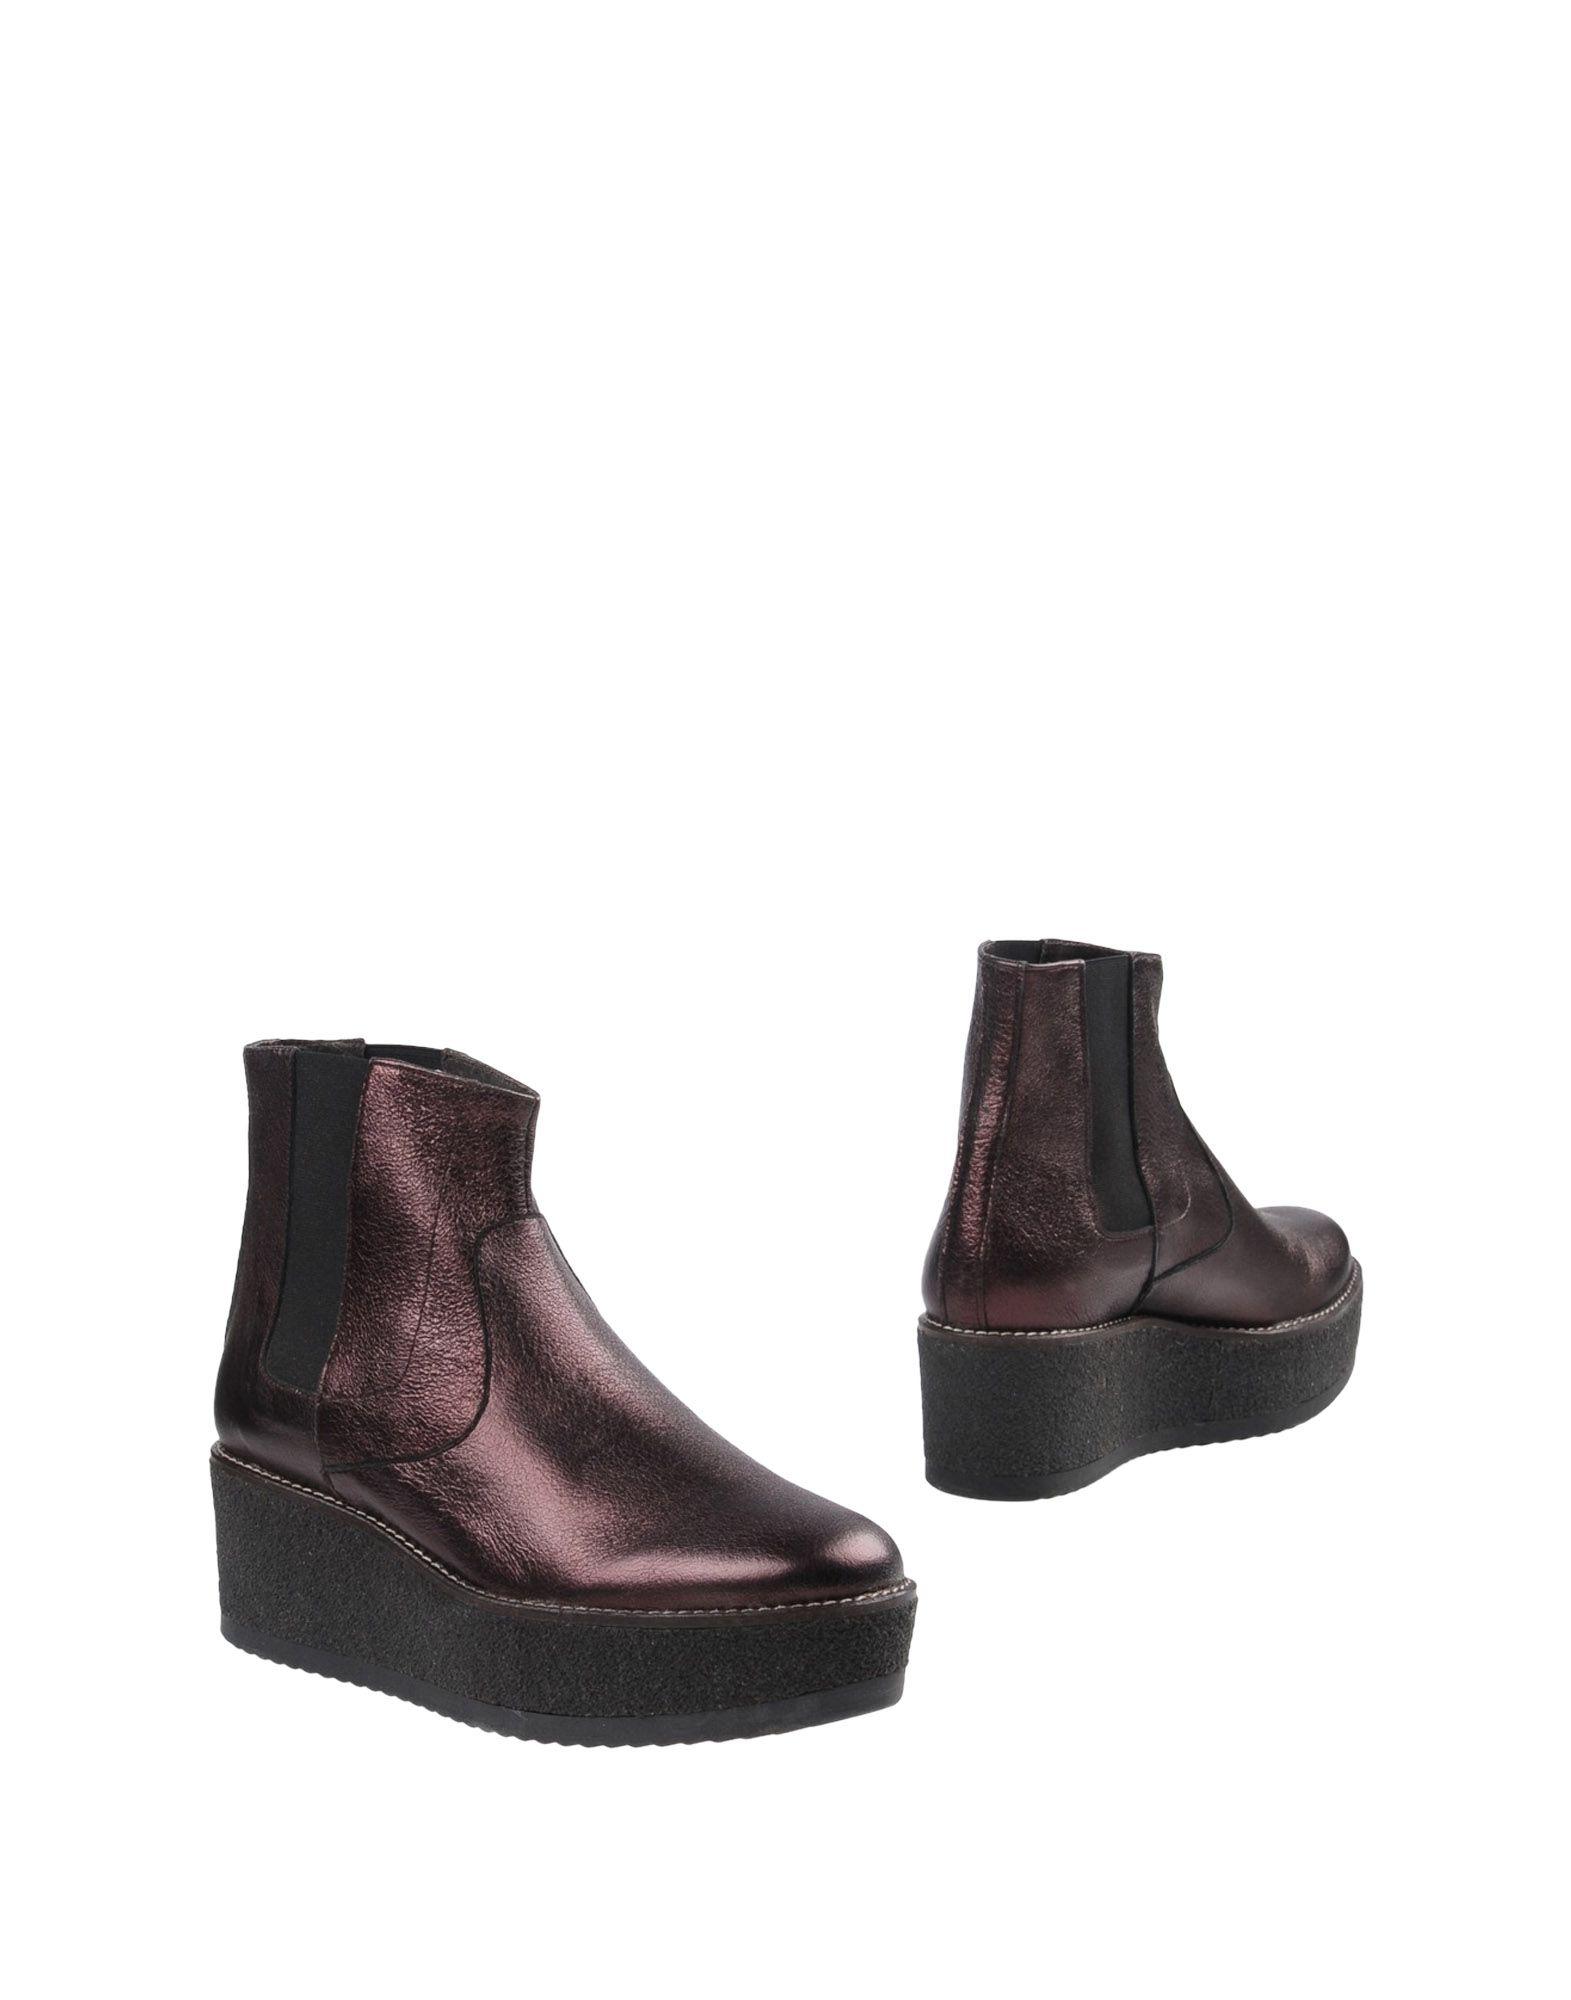 LOGAN Полусапоги и высокие ботинки купить футбольную форму челси торрес